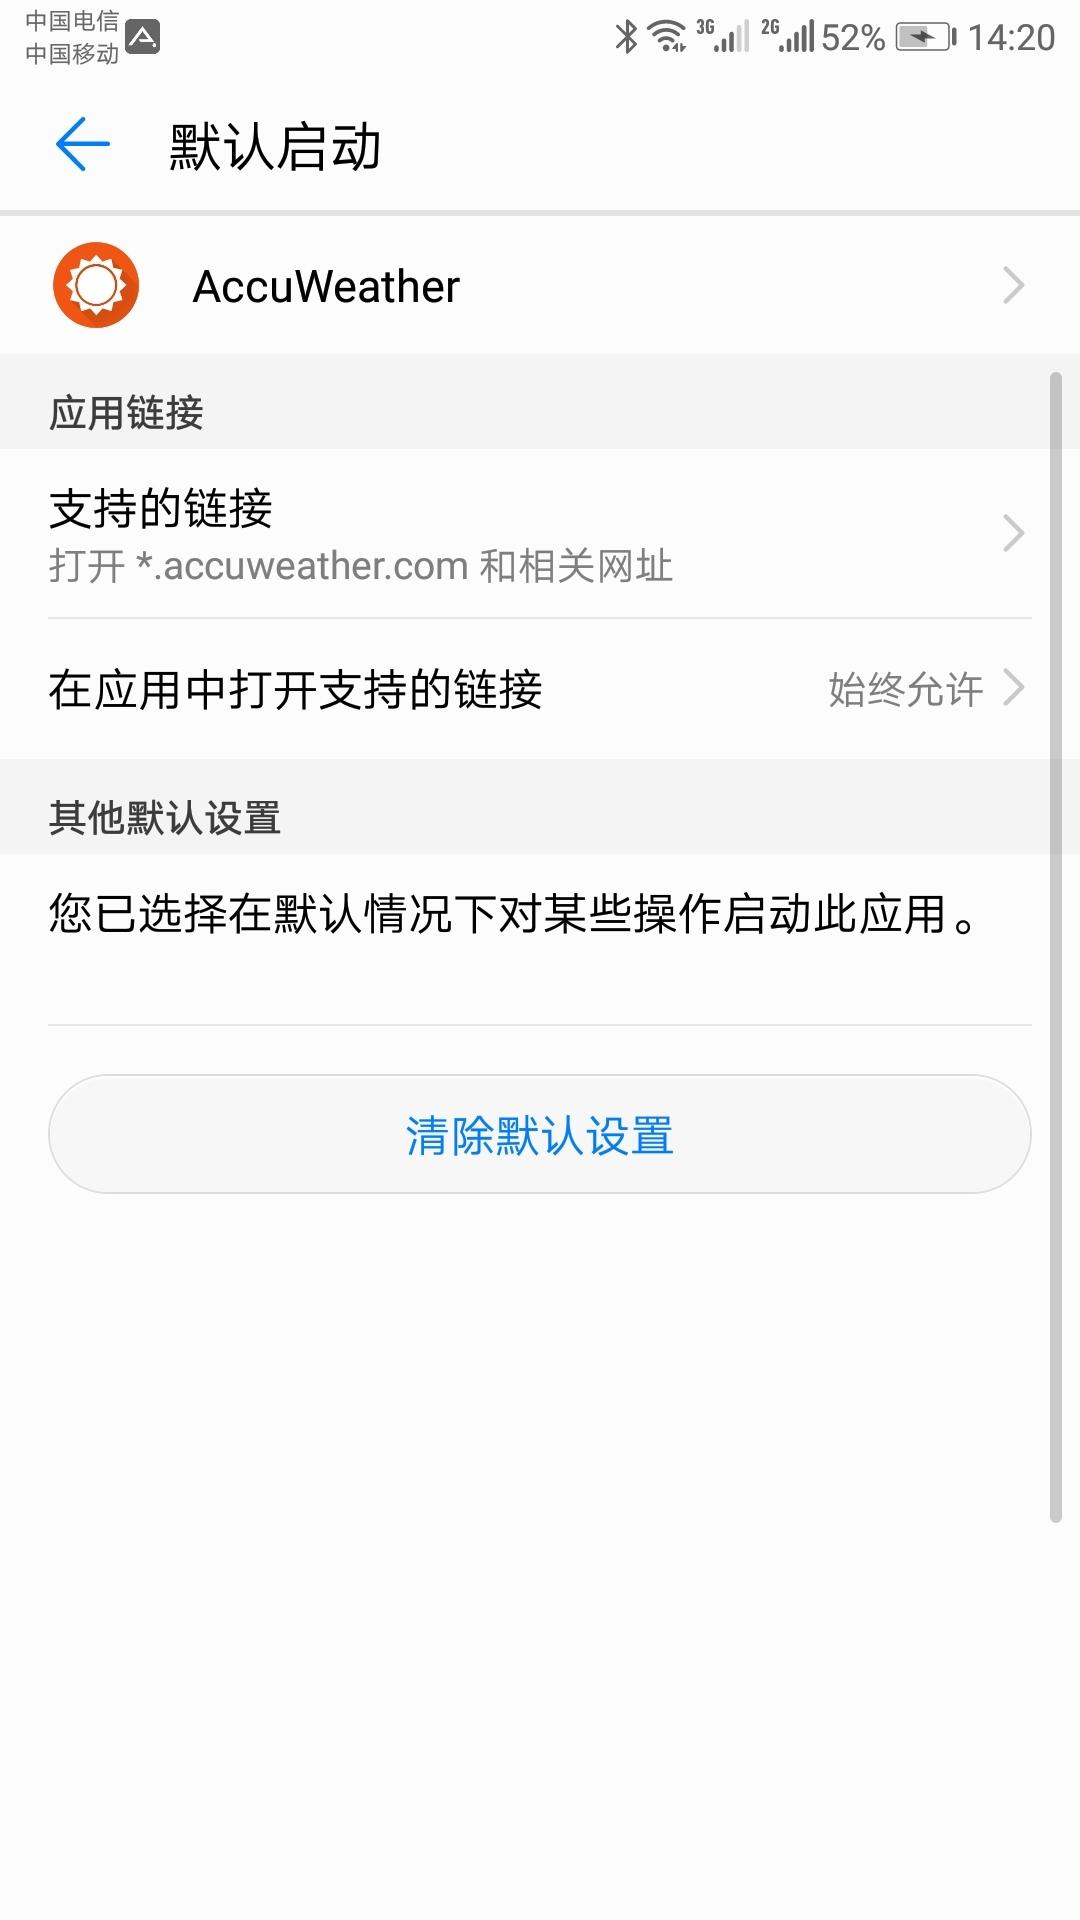 Screenshot_20200715-142008.jpg